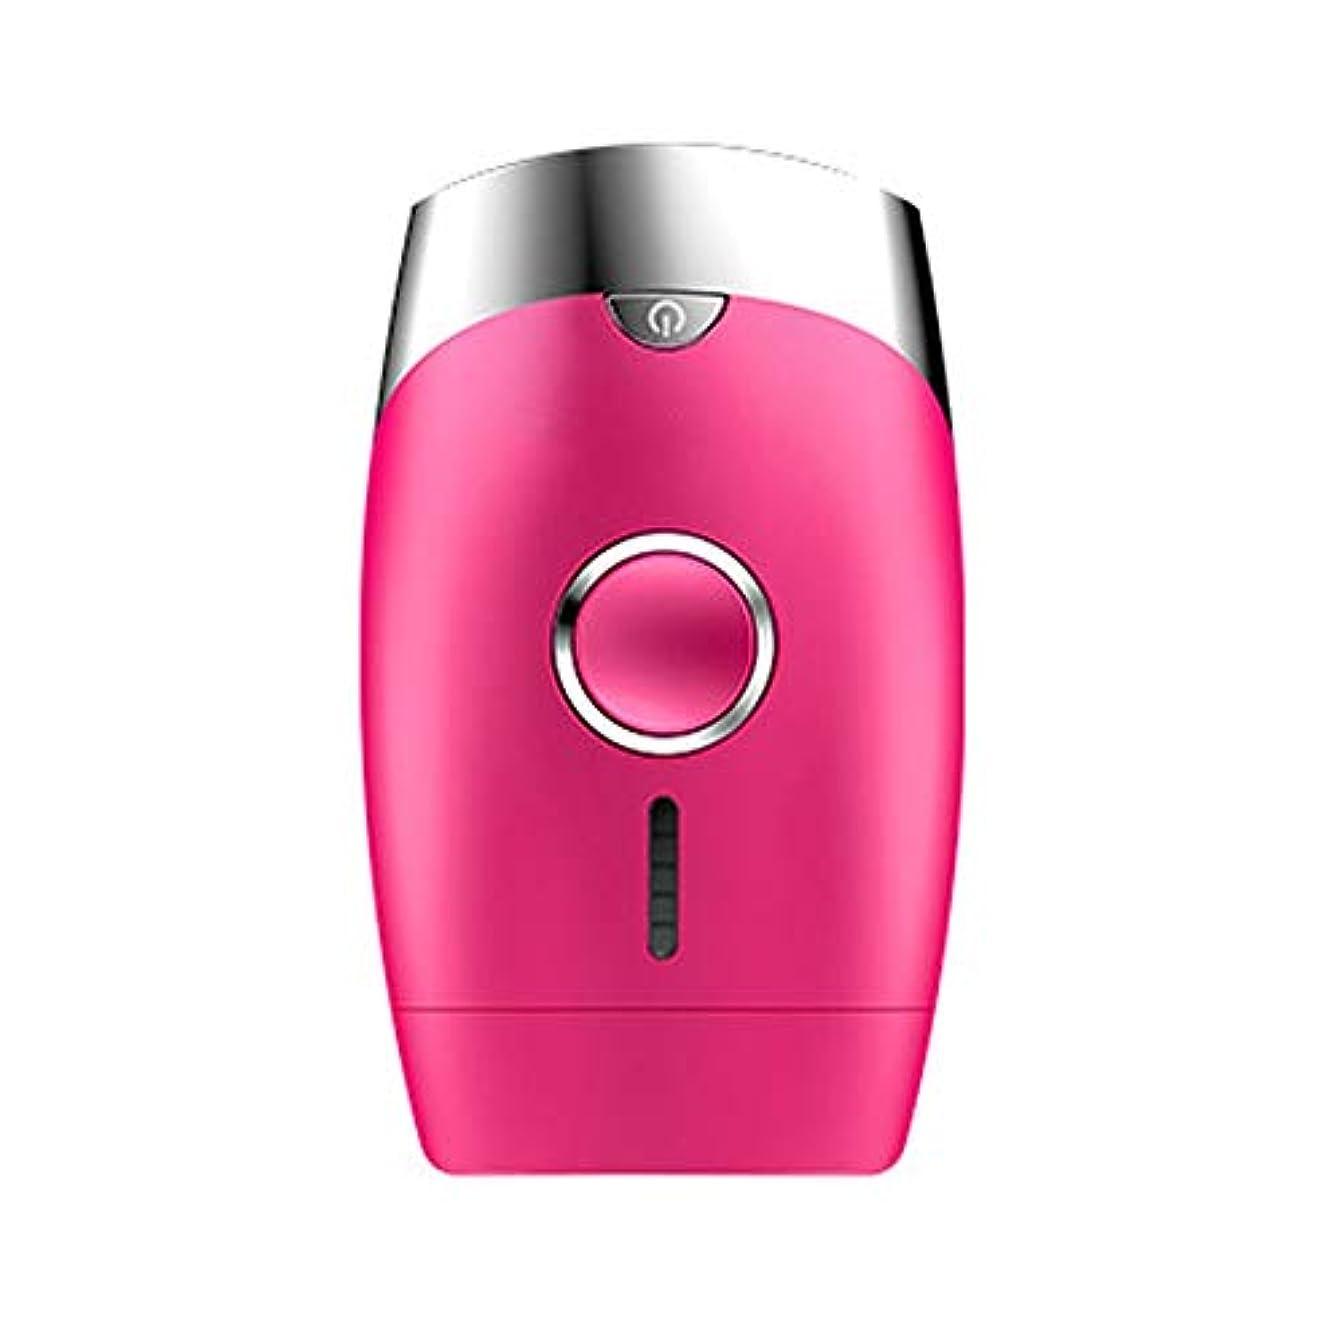 ストレス赤面良いピンク、5スピード調整、インテリジェント家庭用痛みのない凝固点ヘアリムーバー、シングルフラッシュ/連続フラッシュ、サイズ13.9 X 8.3 X 4.8 Cm 髪以外はきれい (Color : Pink)